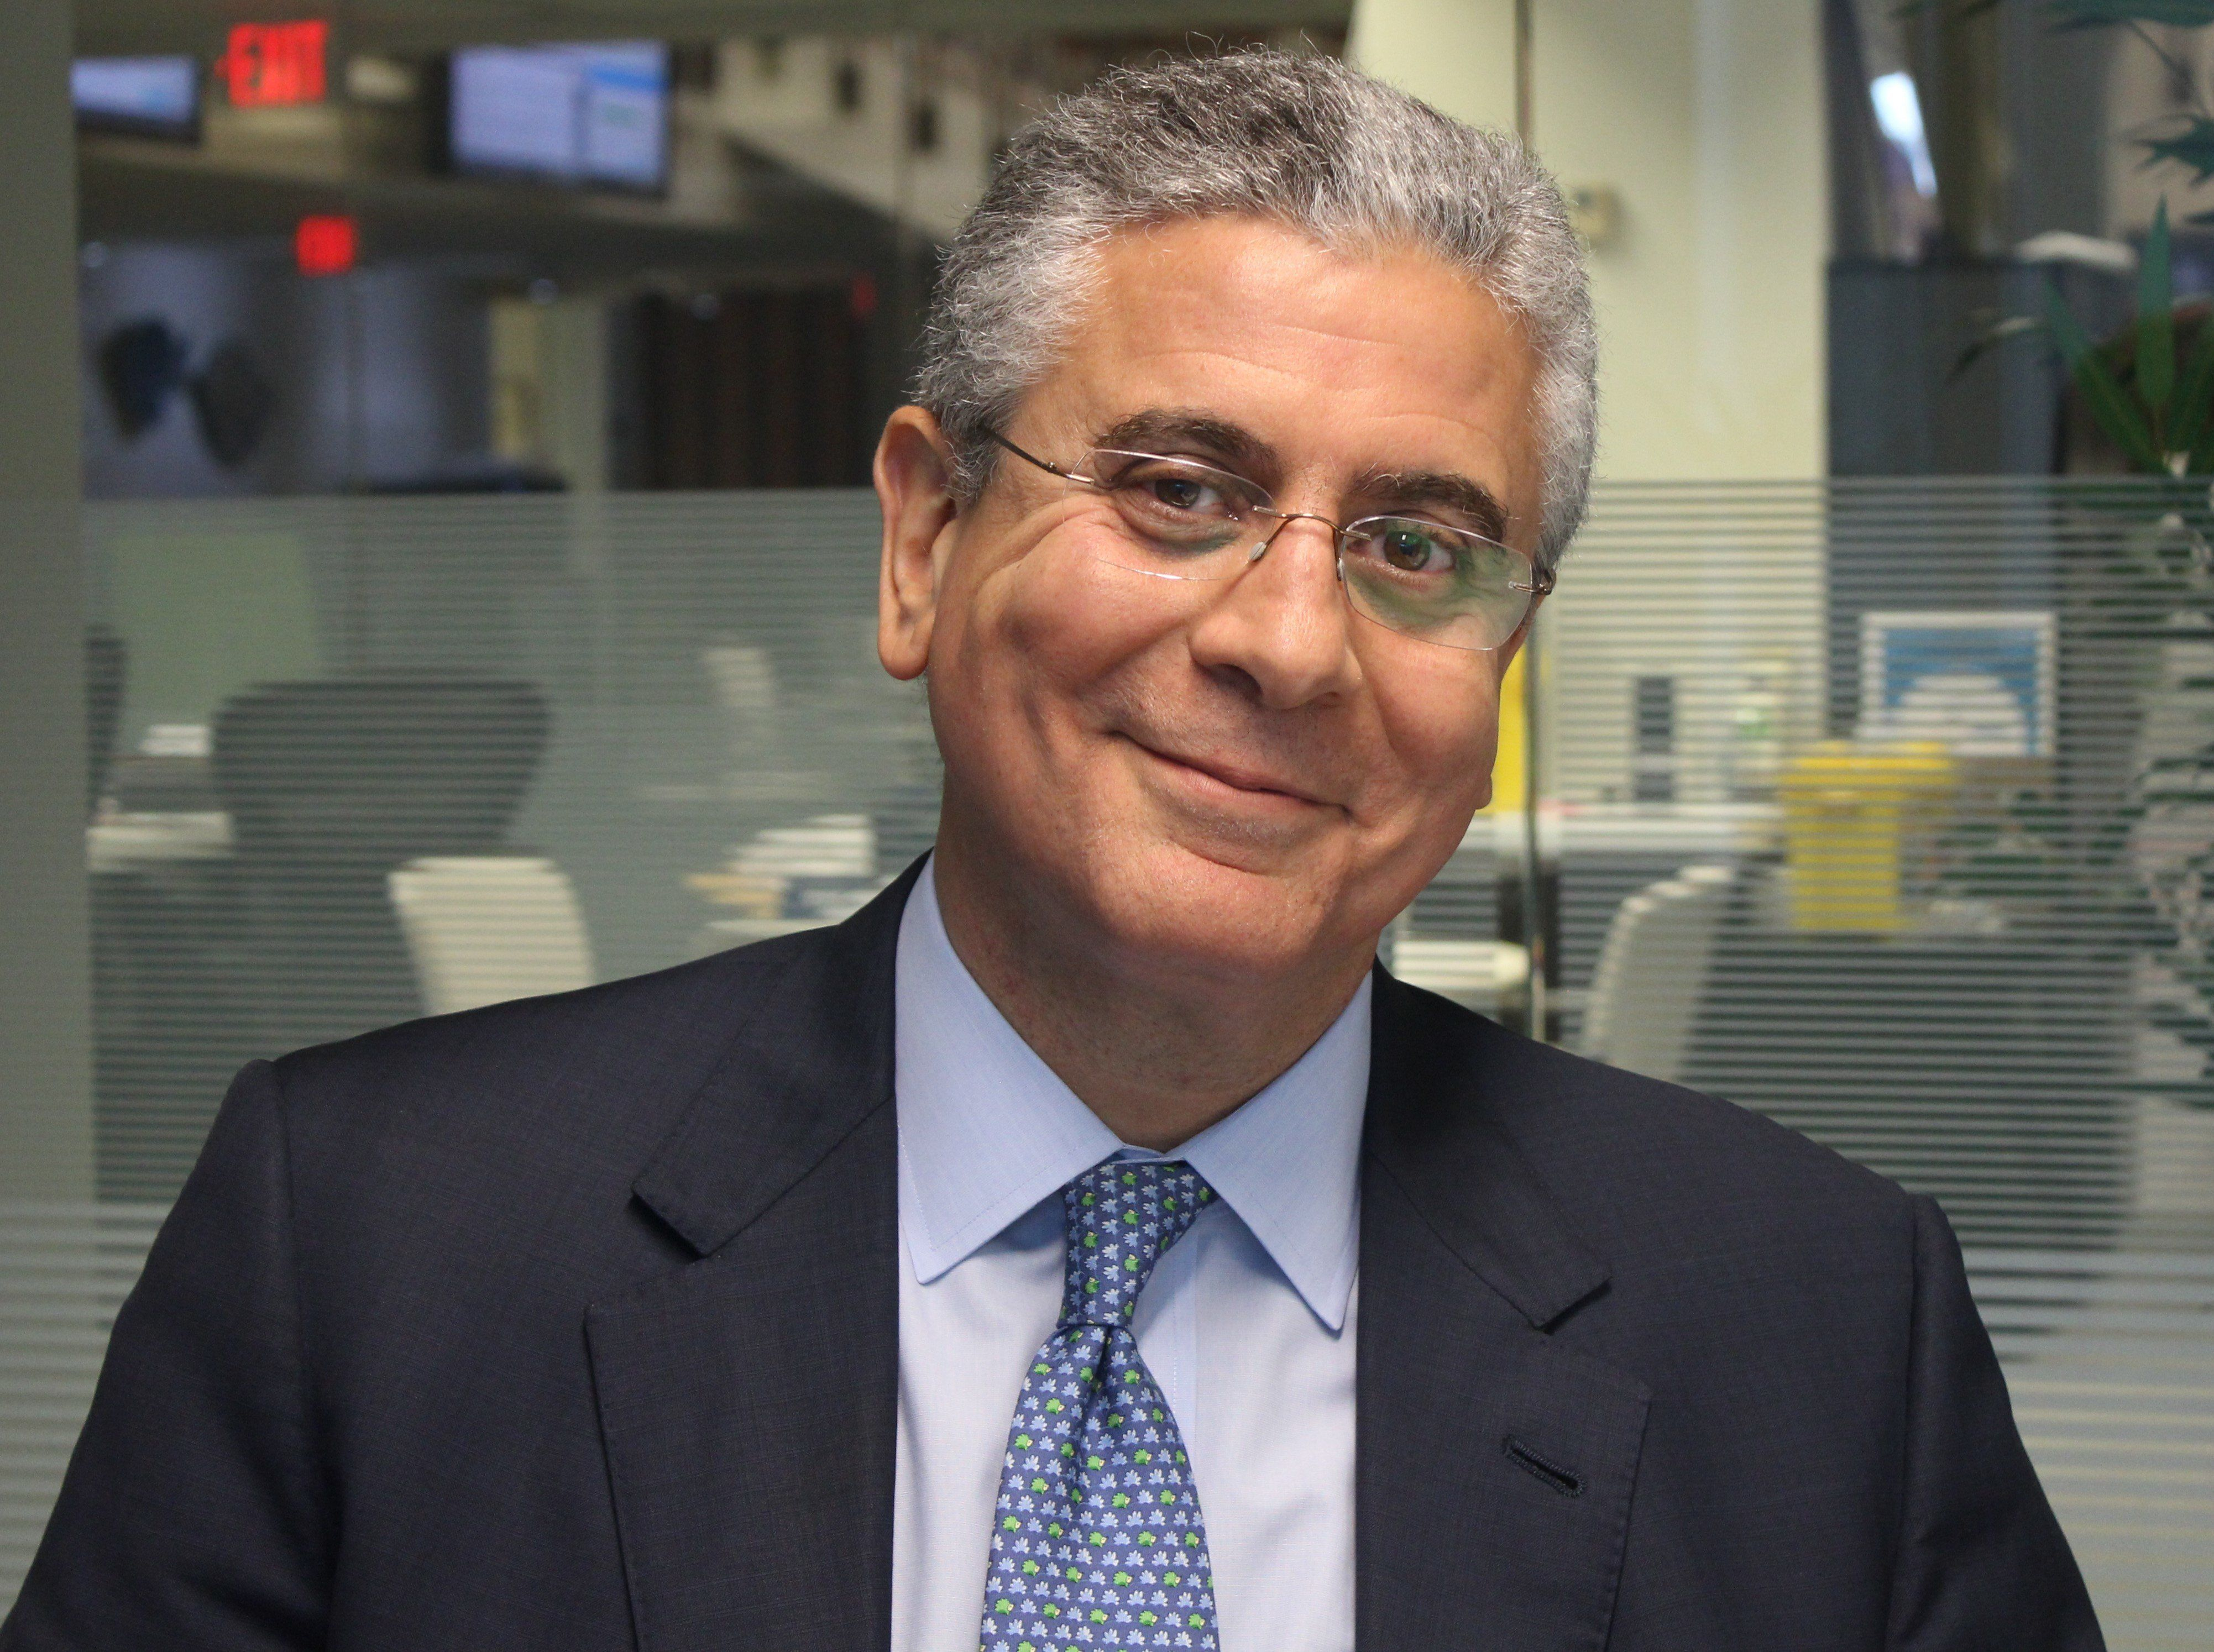 Exclusif - Fraichement nommé Vice-président de la Banque mondiale, Ferid Belhaj se livre au HuffPost